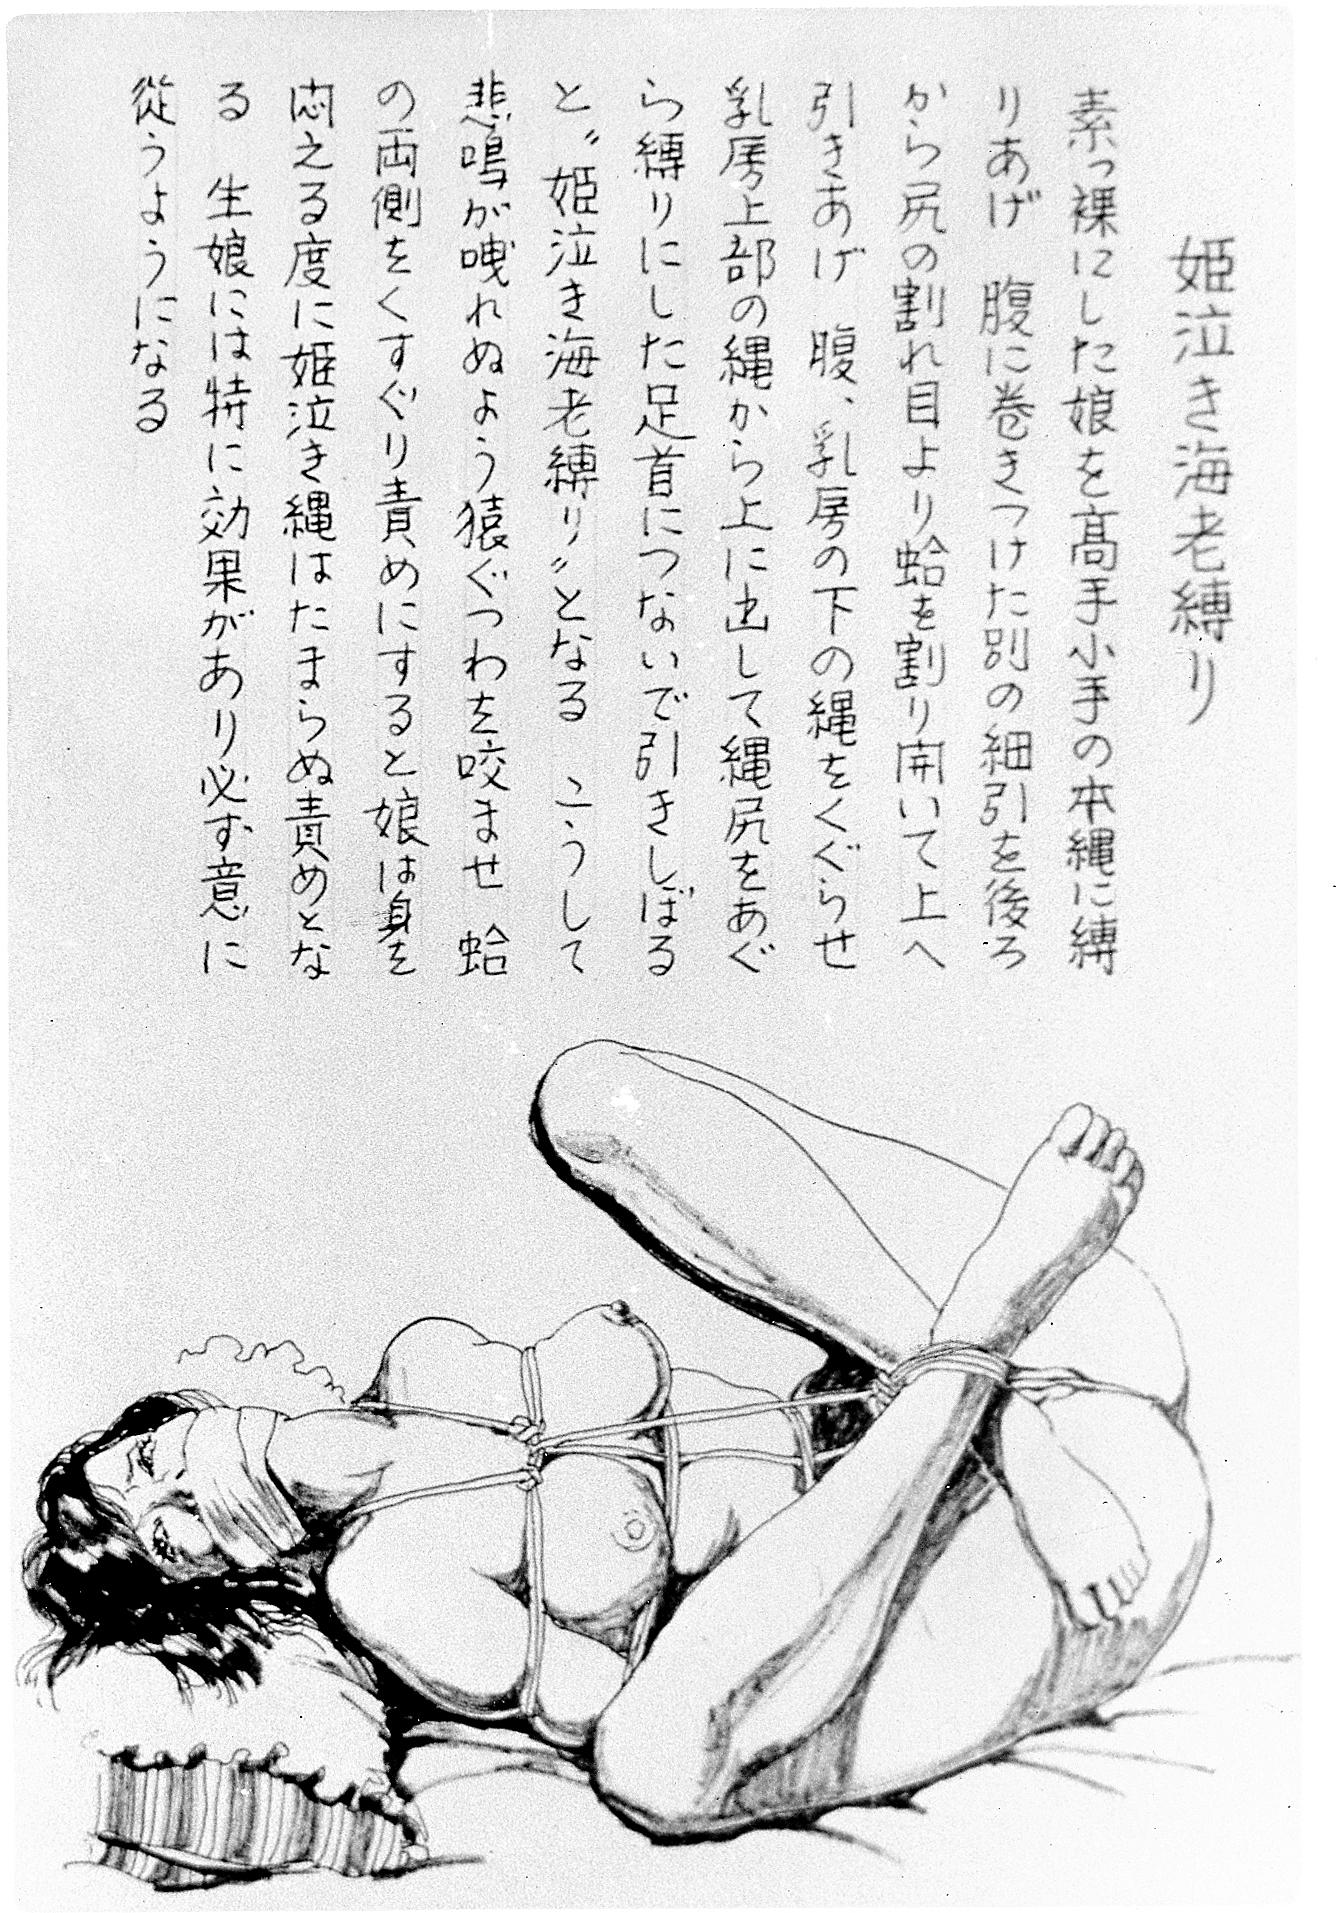 椋陽児少女緊縛 26-4) 少女緊縛 表題も適当で申し訳ないのですが、これでも数百枚の写真から関連性の高そうなものをピックアップしているんです。